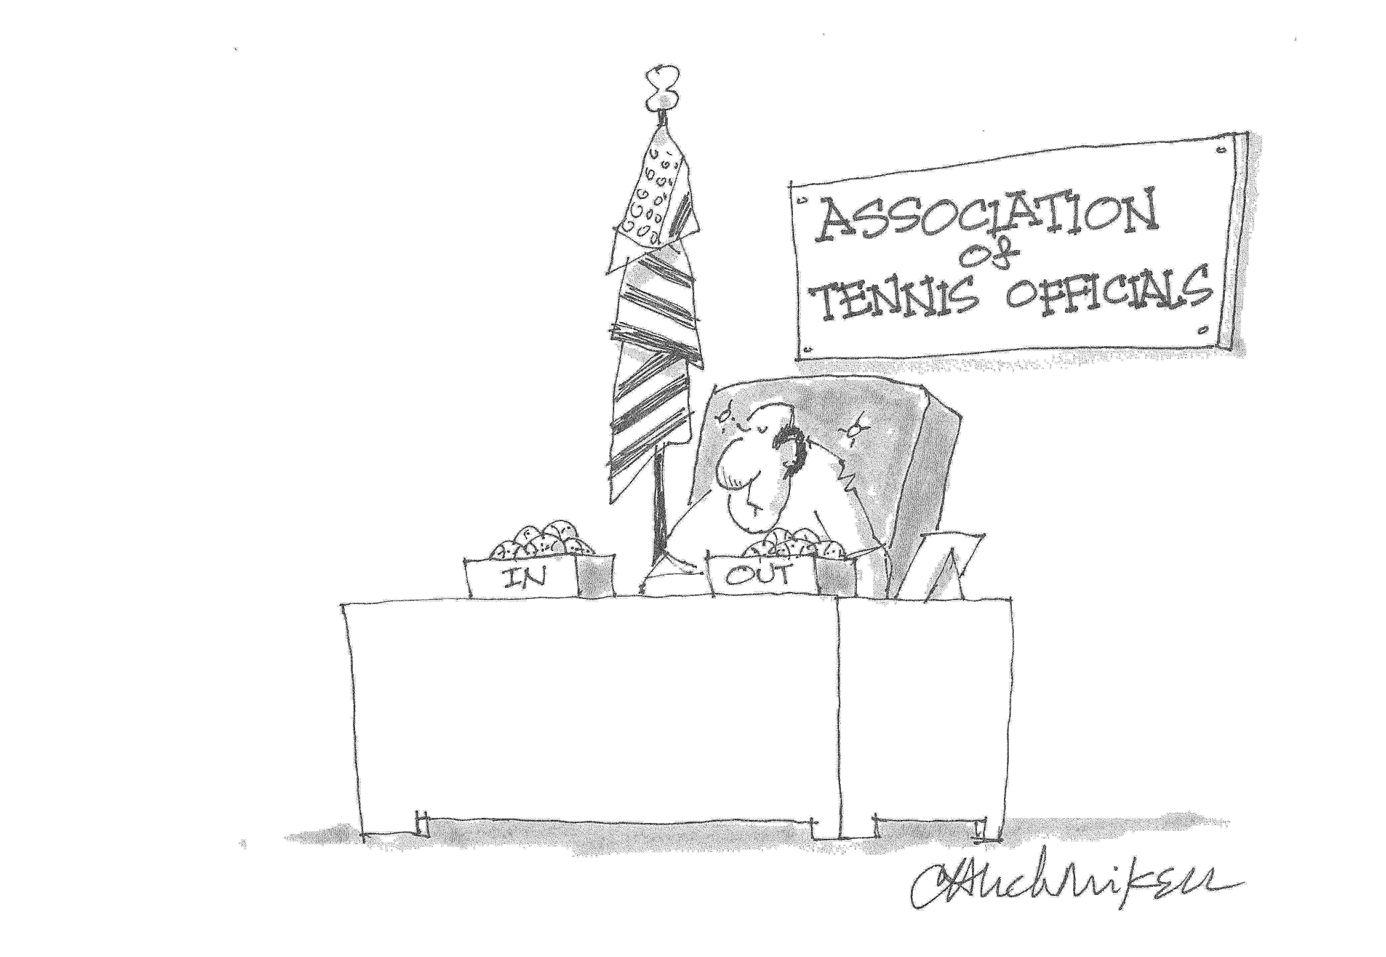 Tennis Officials Cartoon